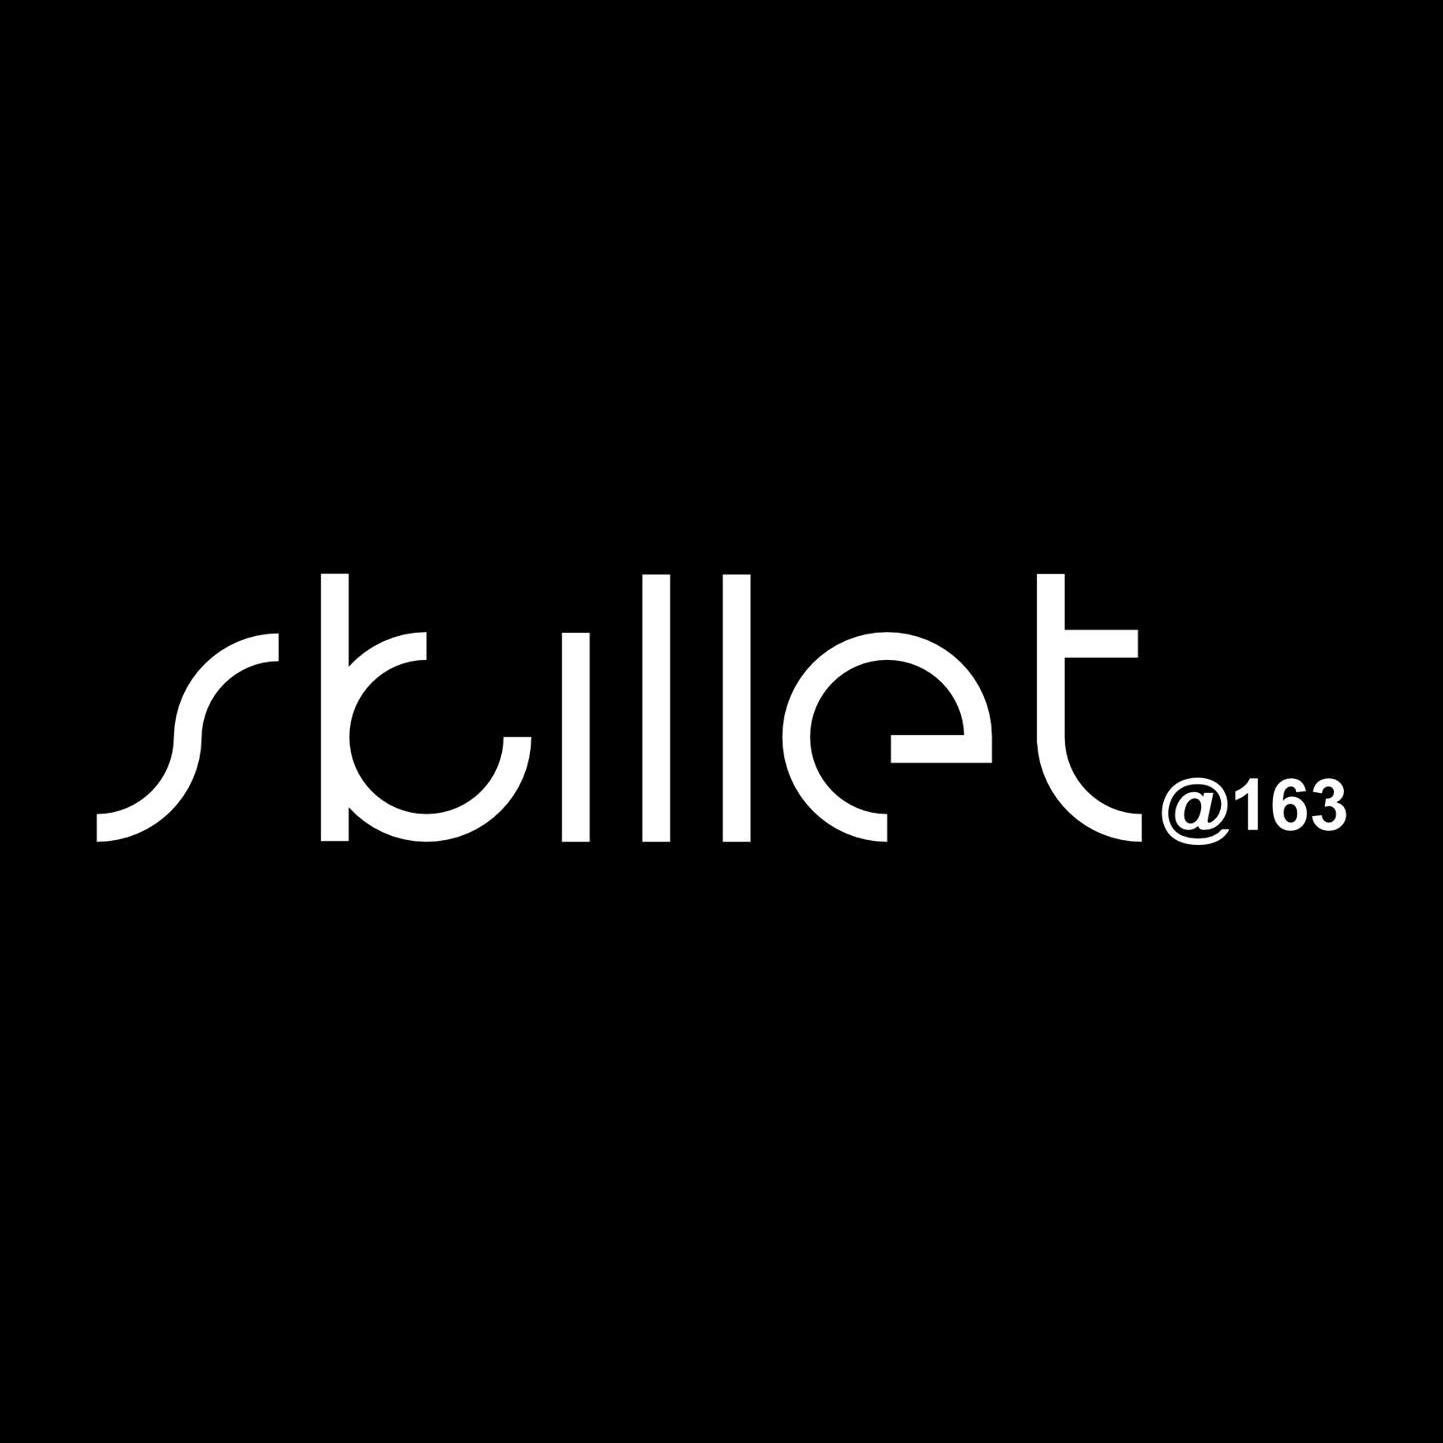 Skillet @ 163